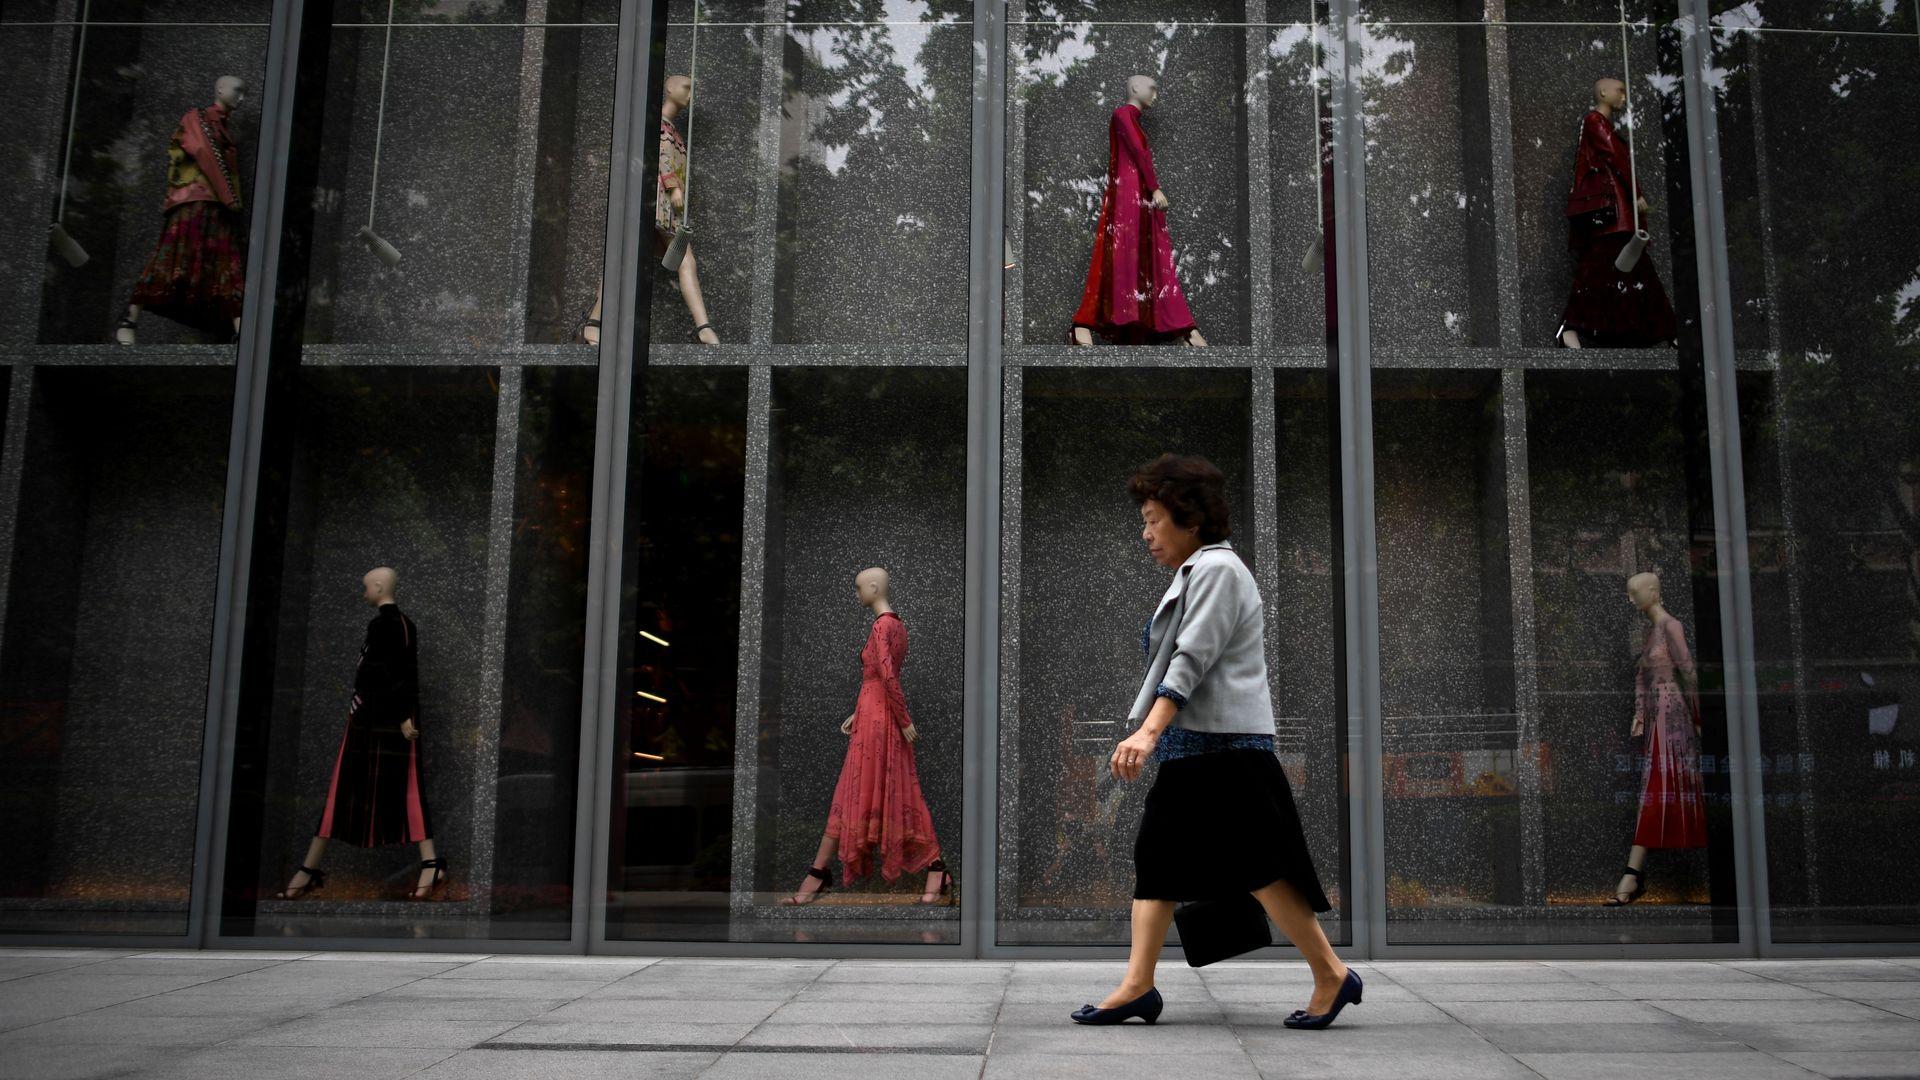 Chinese woman walking past mall